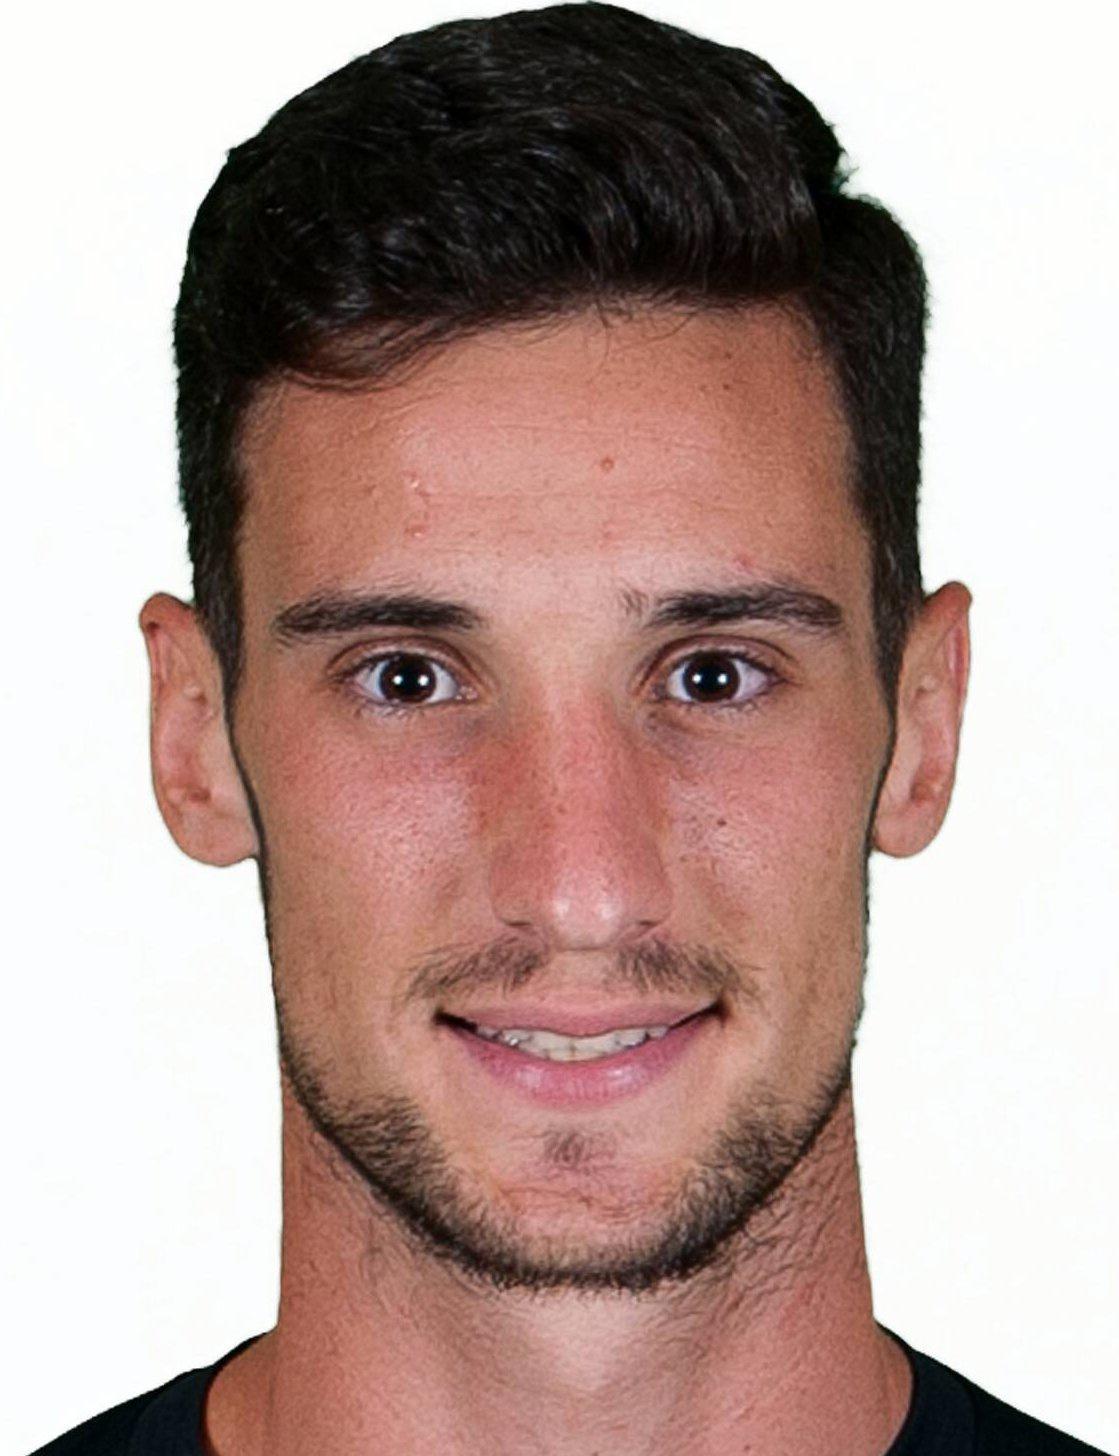 Sergio rico profilo giocatore 17 18 transfermarkt for Roque mesa transfermarkt